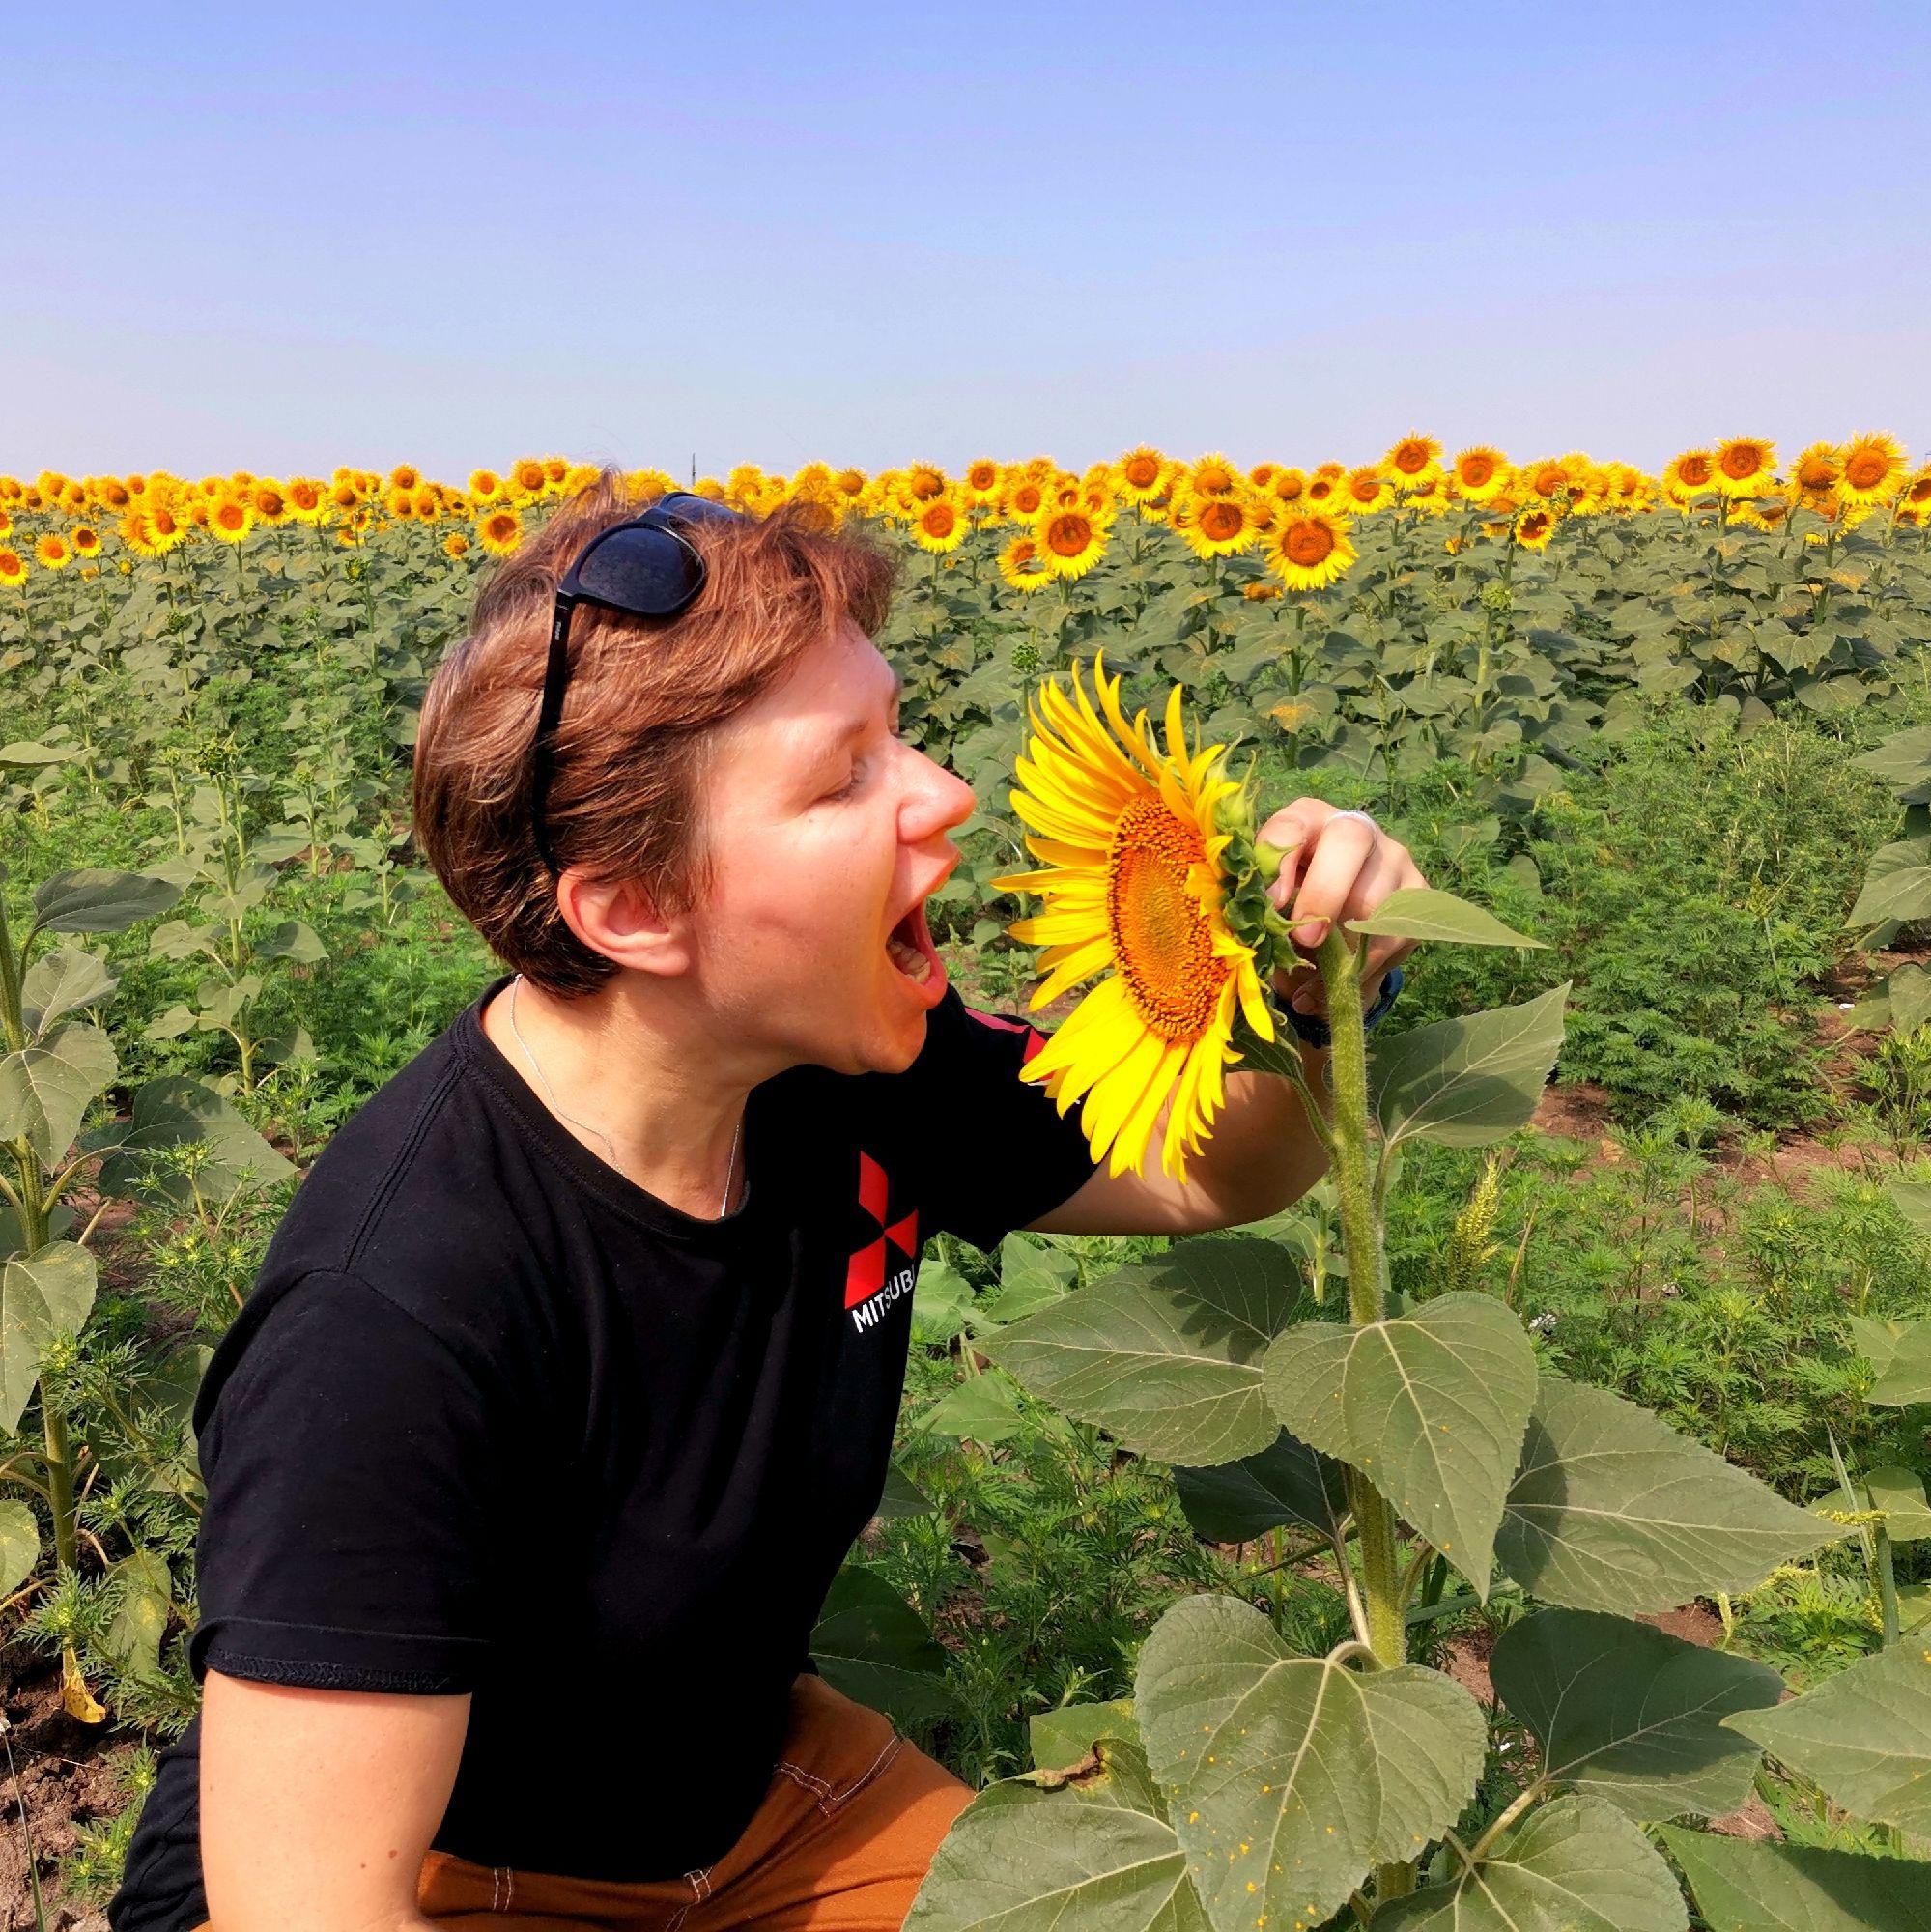 Светлана, Москва. Еду в двухнедельное путешествие на Кавказ, постараюсь участвовать по возможности